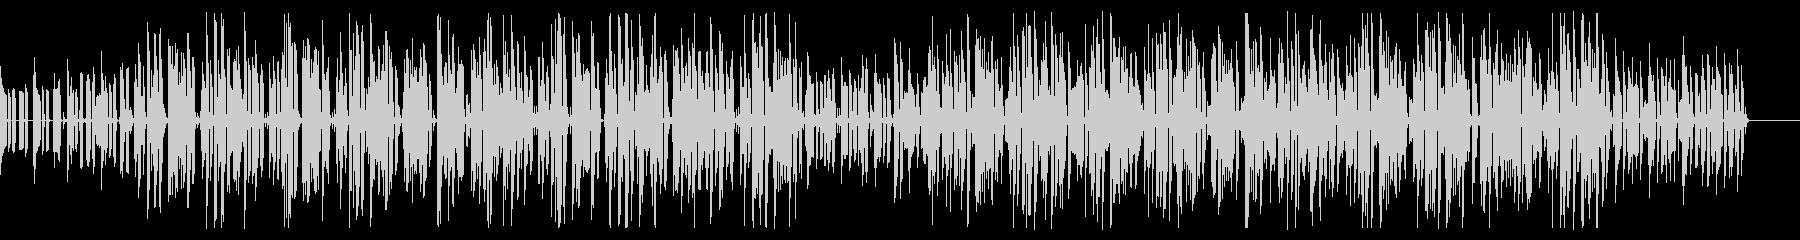 耳に残るファンクで民族音楽風なポップの未再生の波形